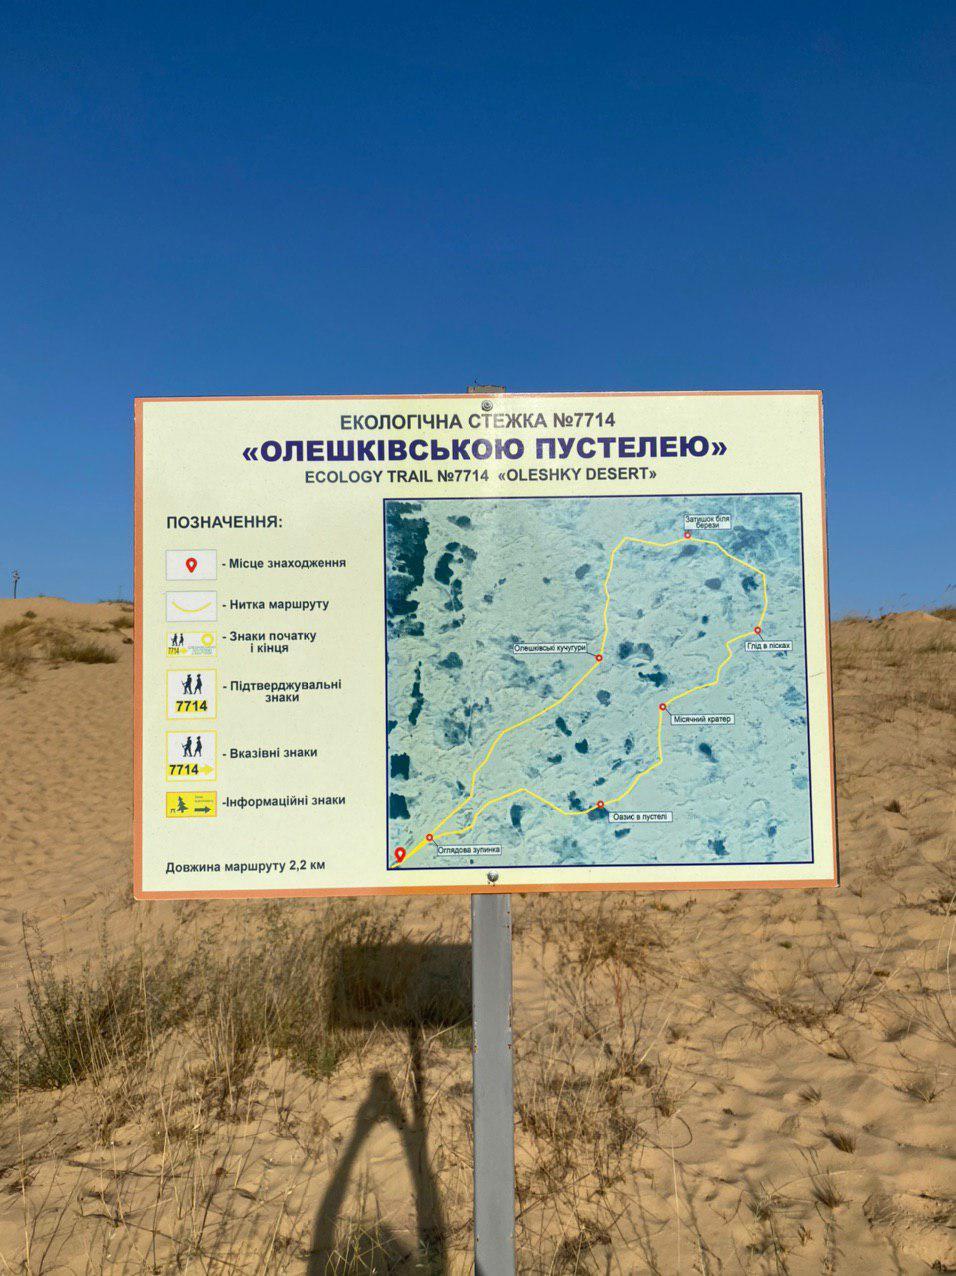 эко тропа в олешковских песках